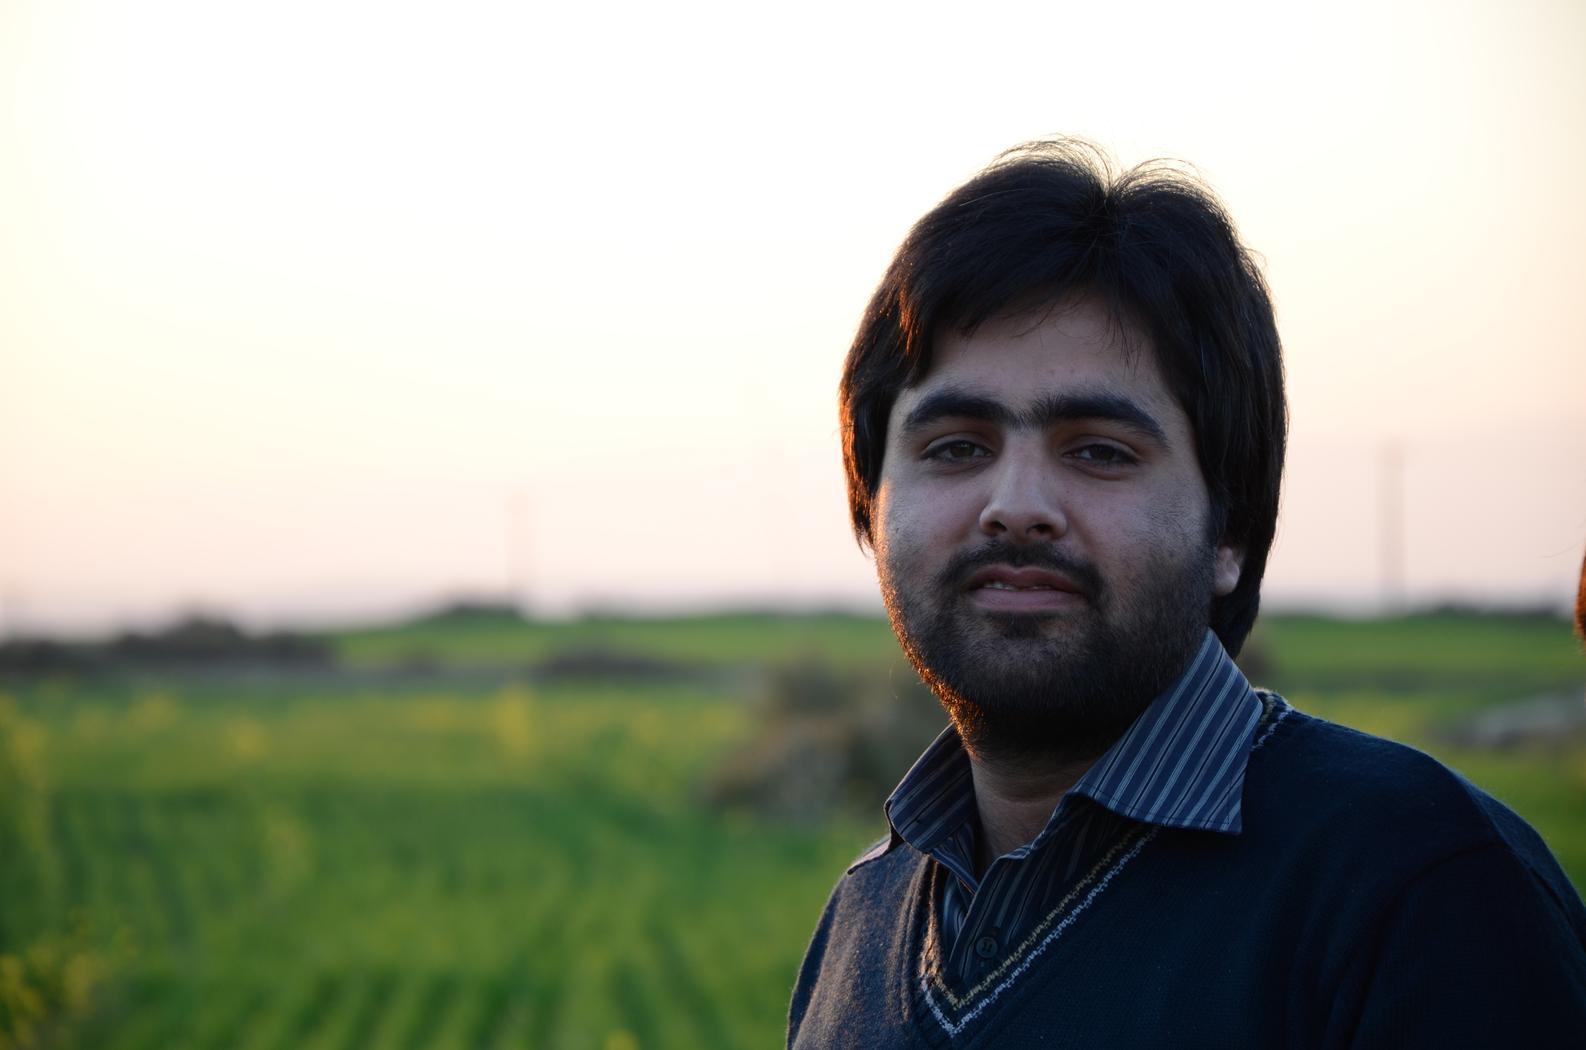 Soman Khan